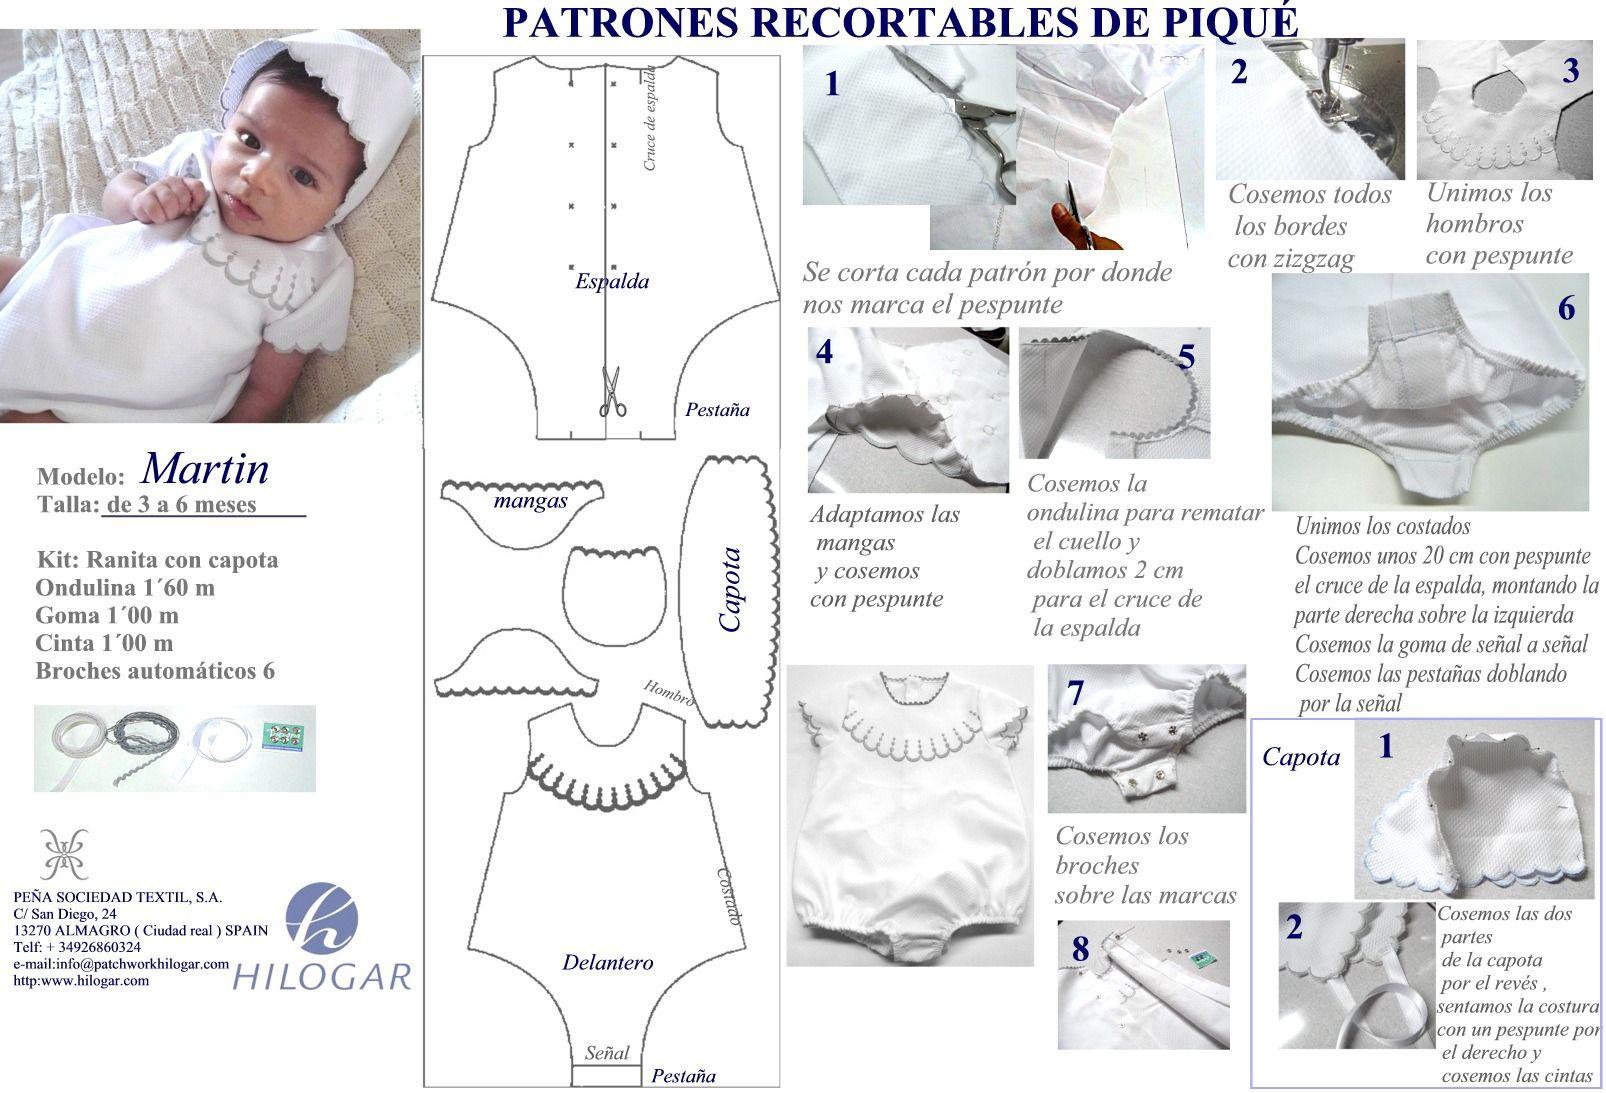 Patrones ranita para bebés de 6 meses de Piqué Martín de la mano de ...